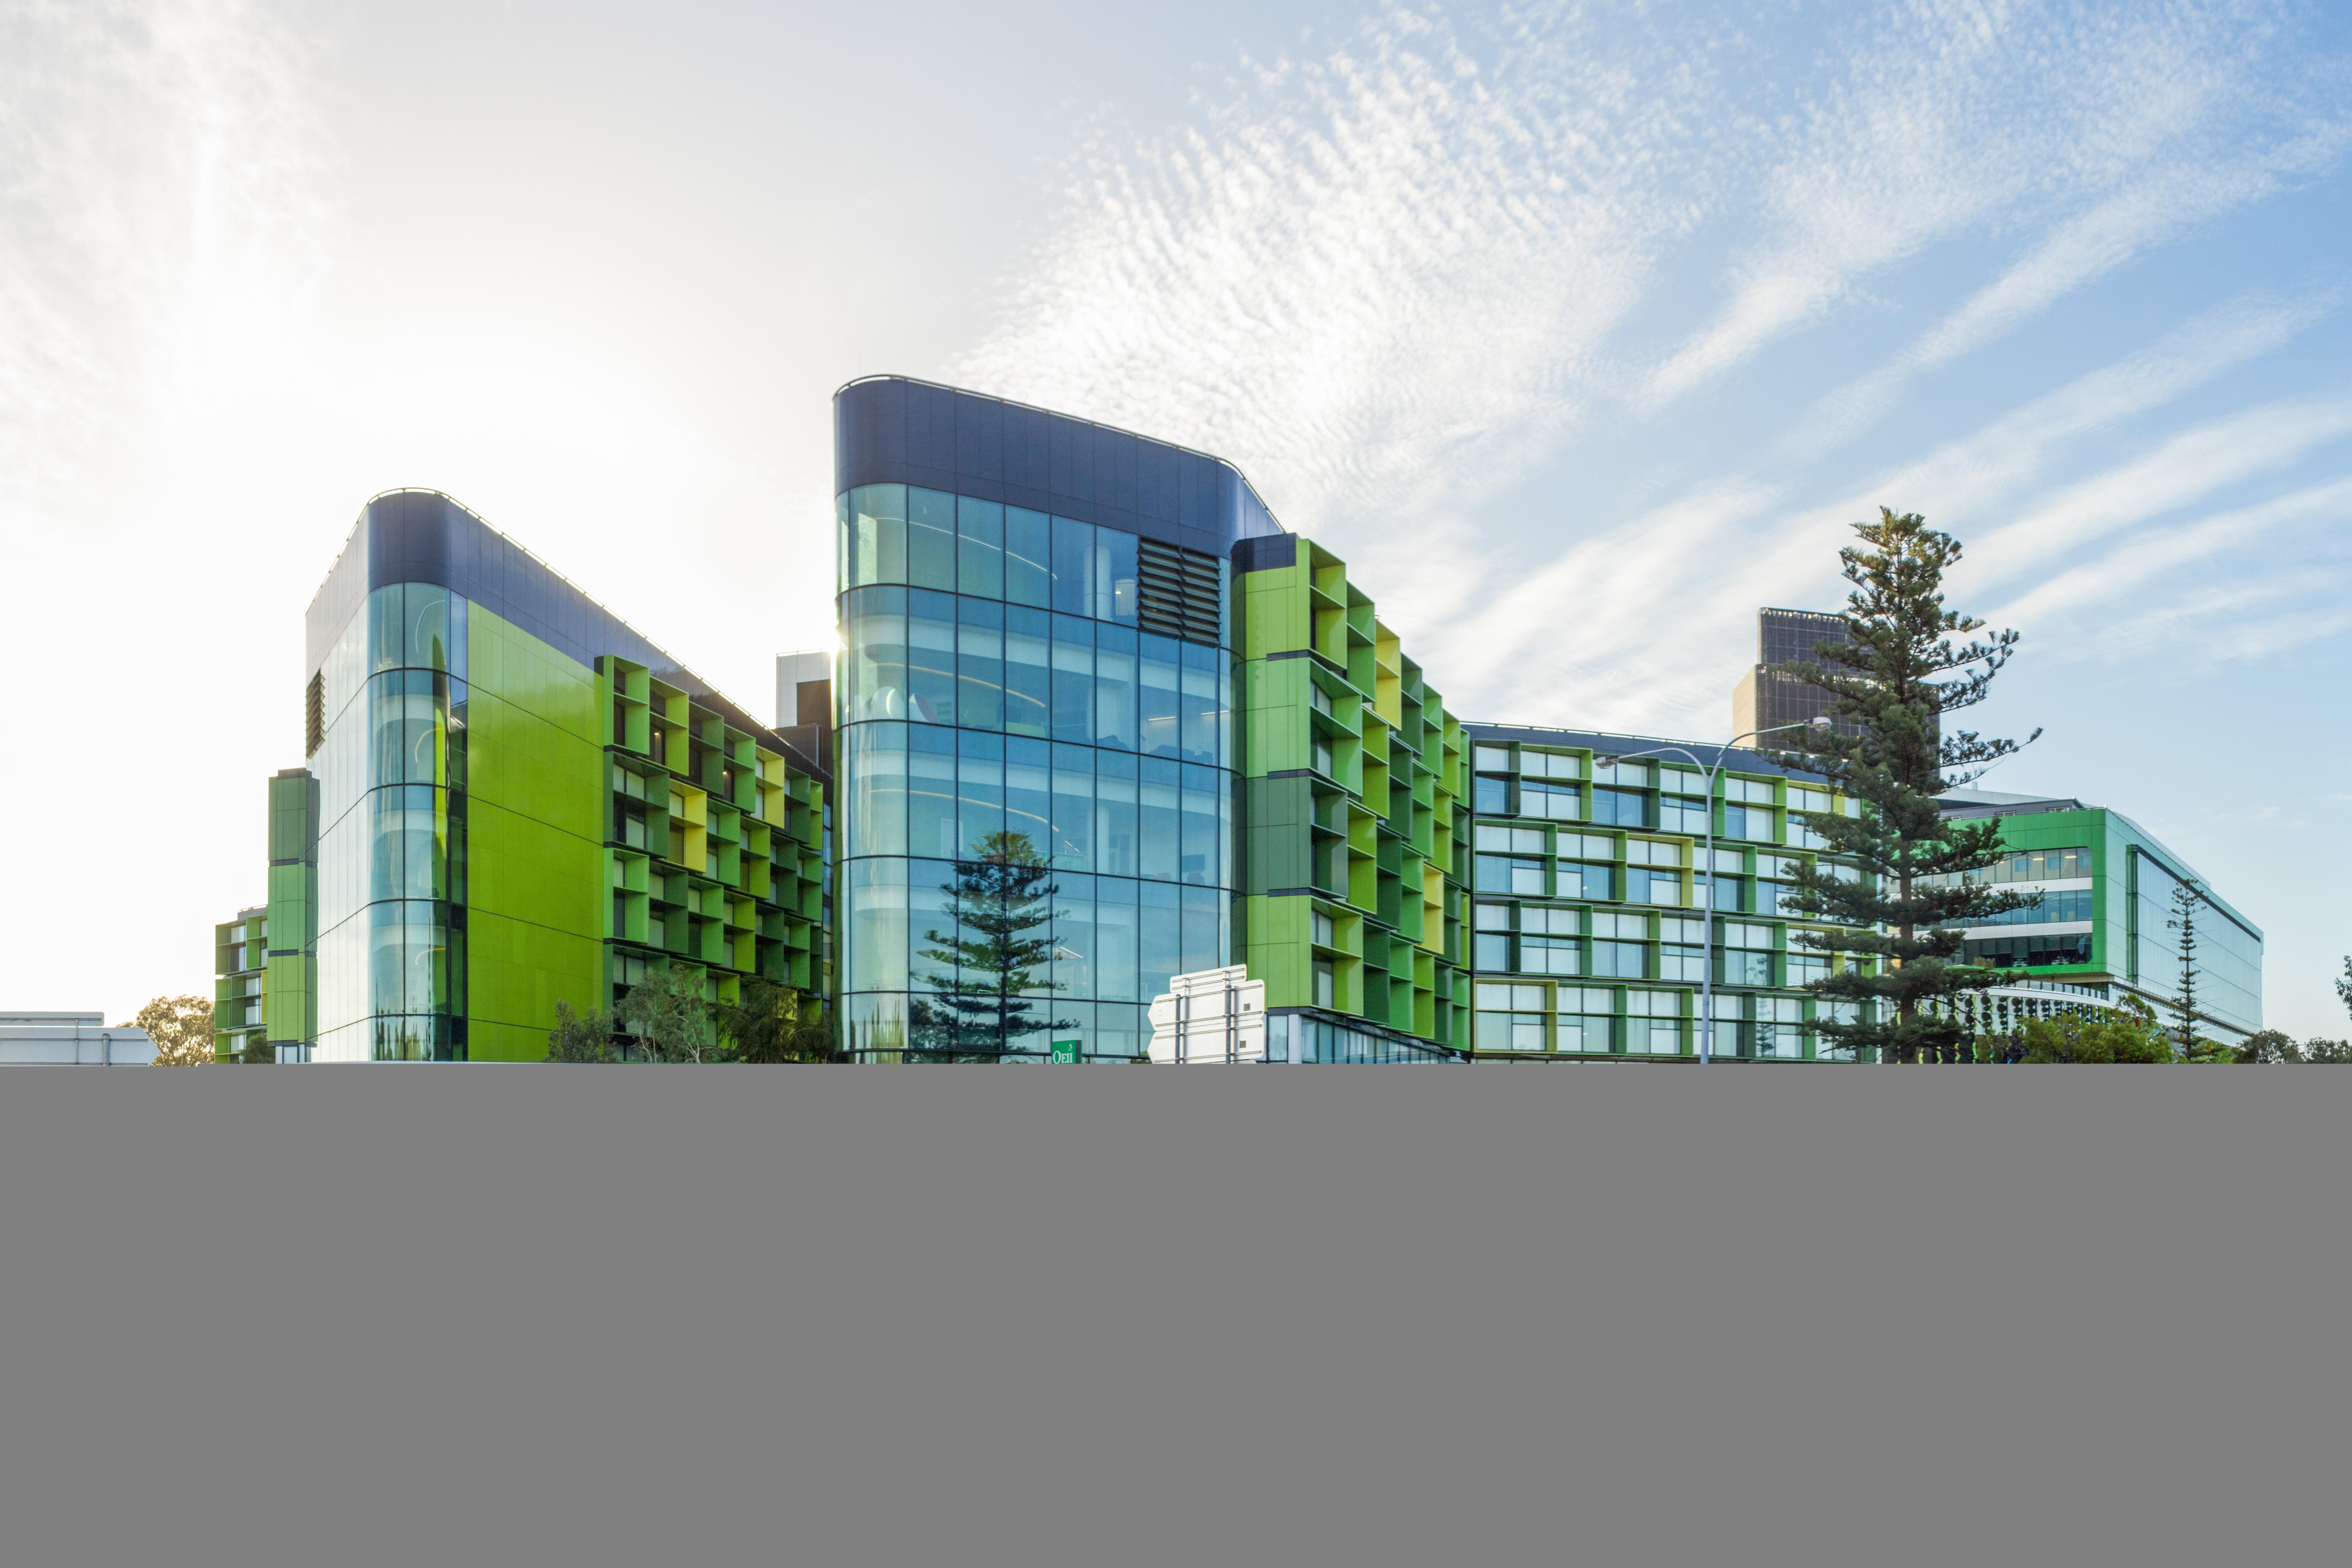 MEDICAL BUILDINGS REPORT ALMATY